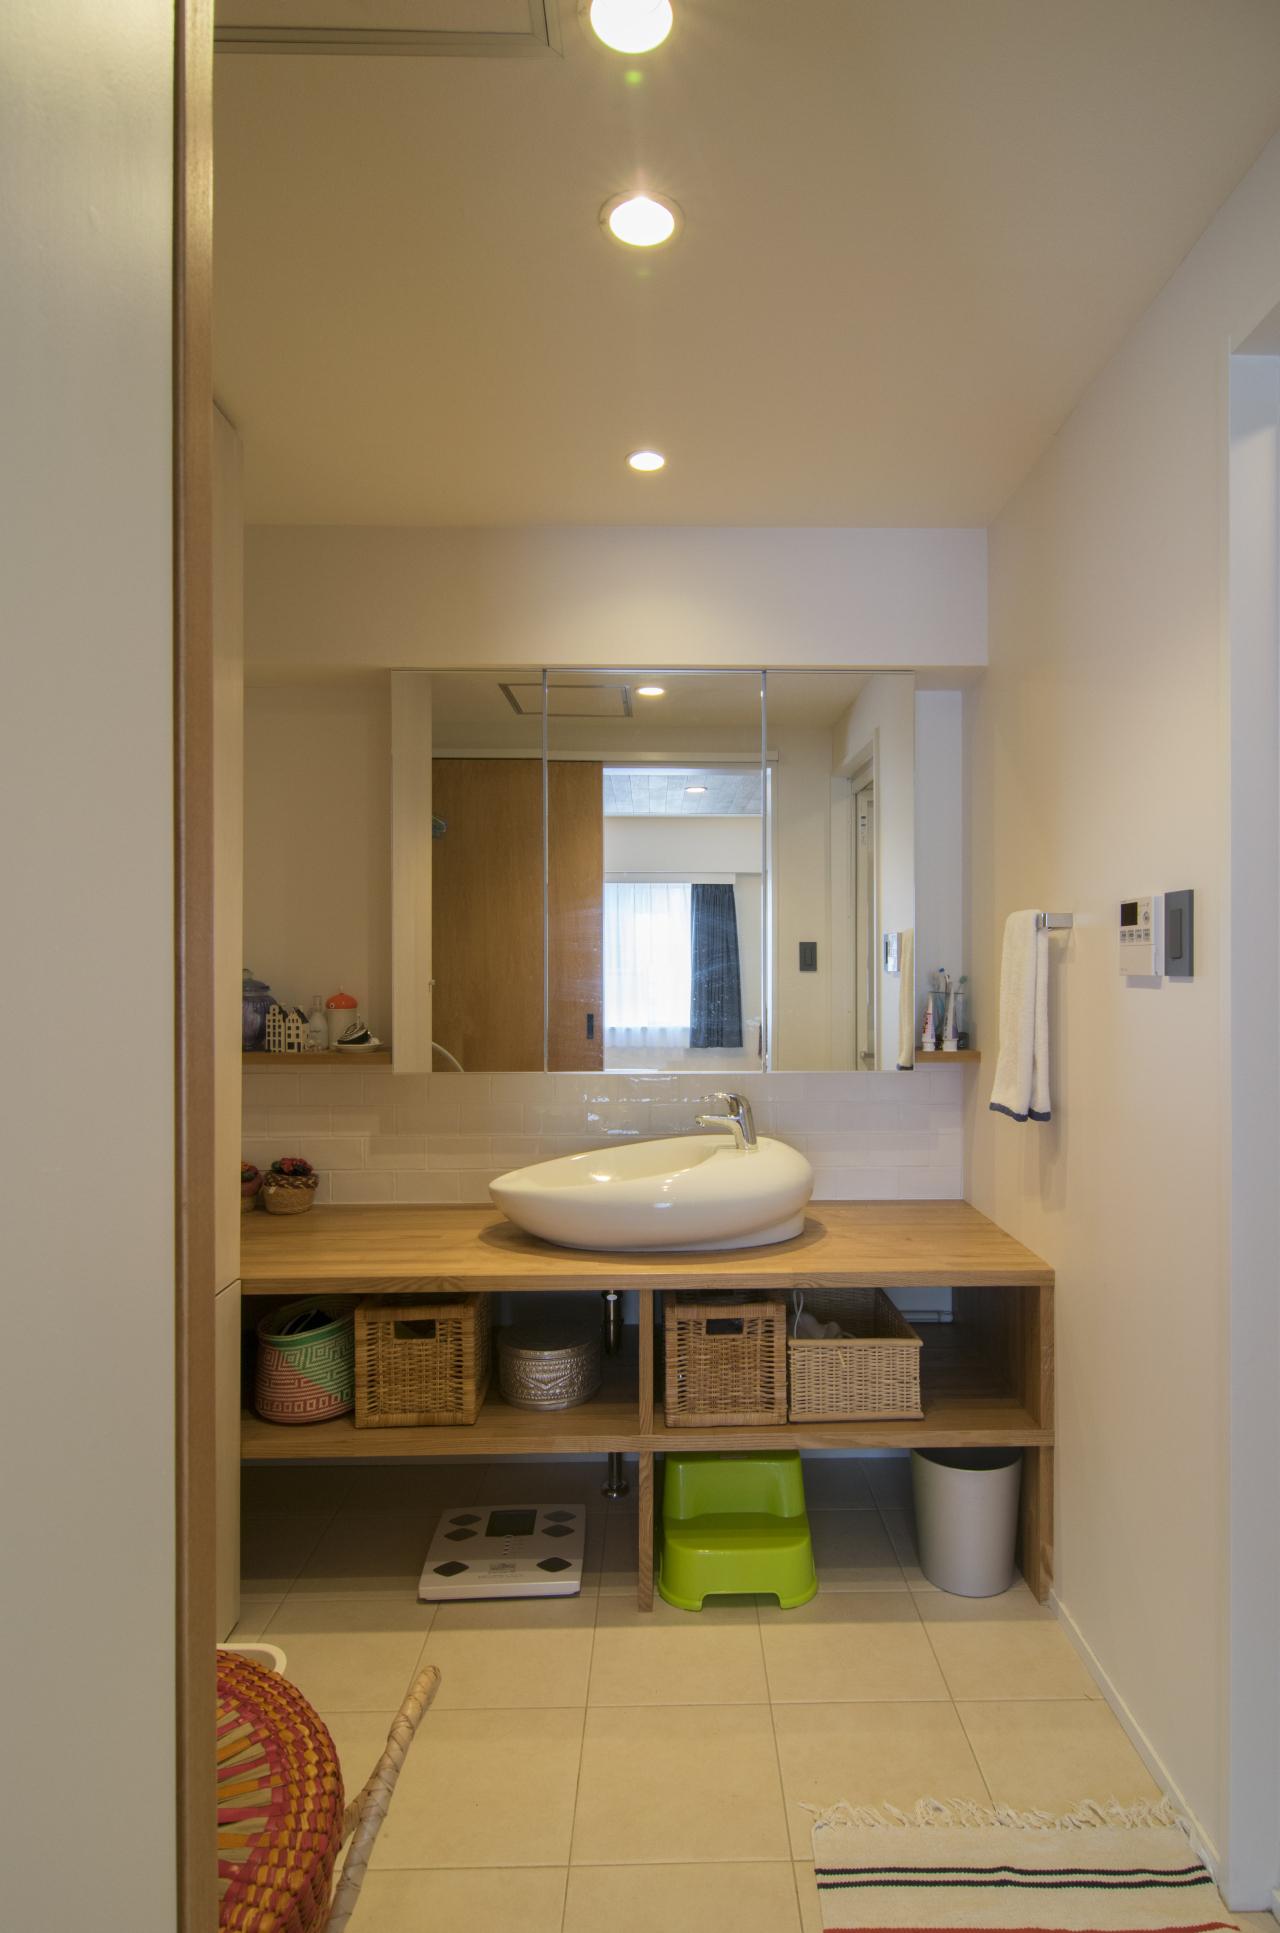 脱衣所、サニタリー、洗面、カウンター、浴室、タイル、床、エキップ